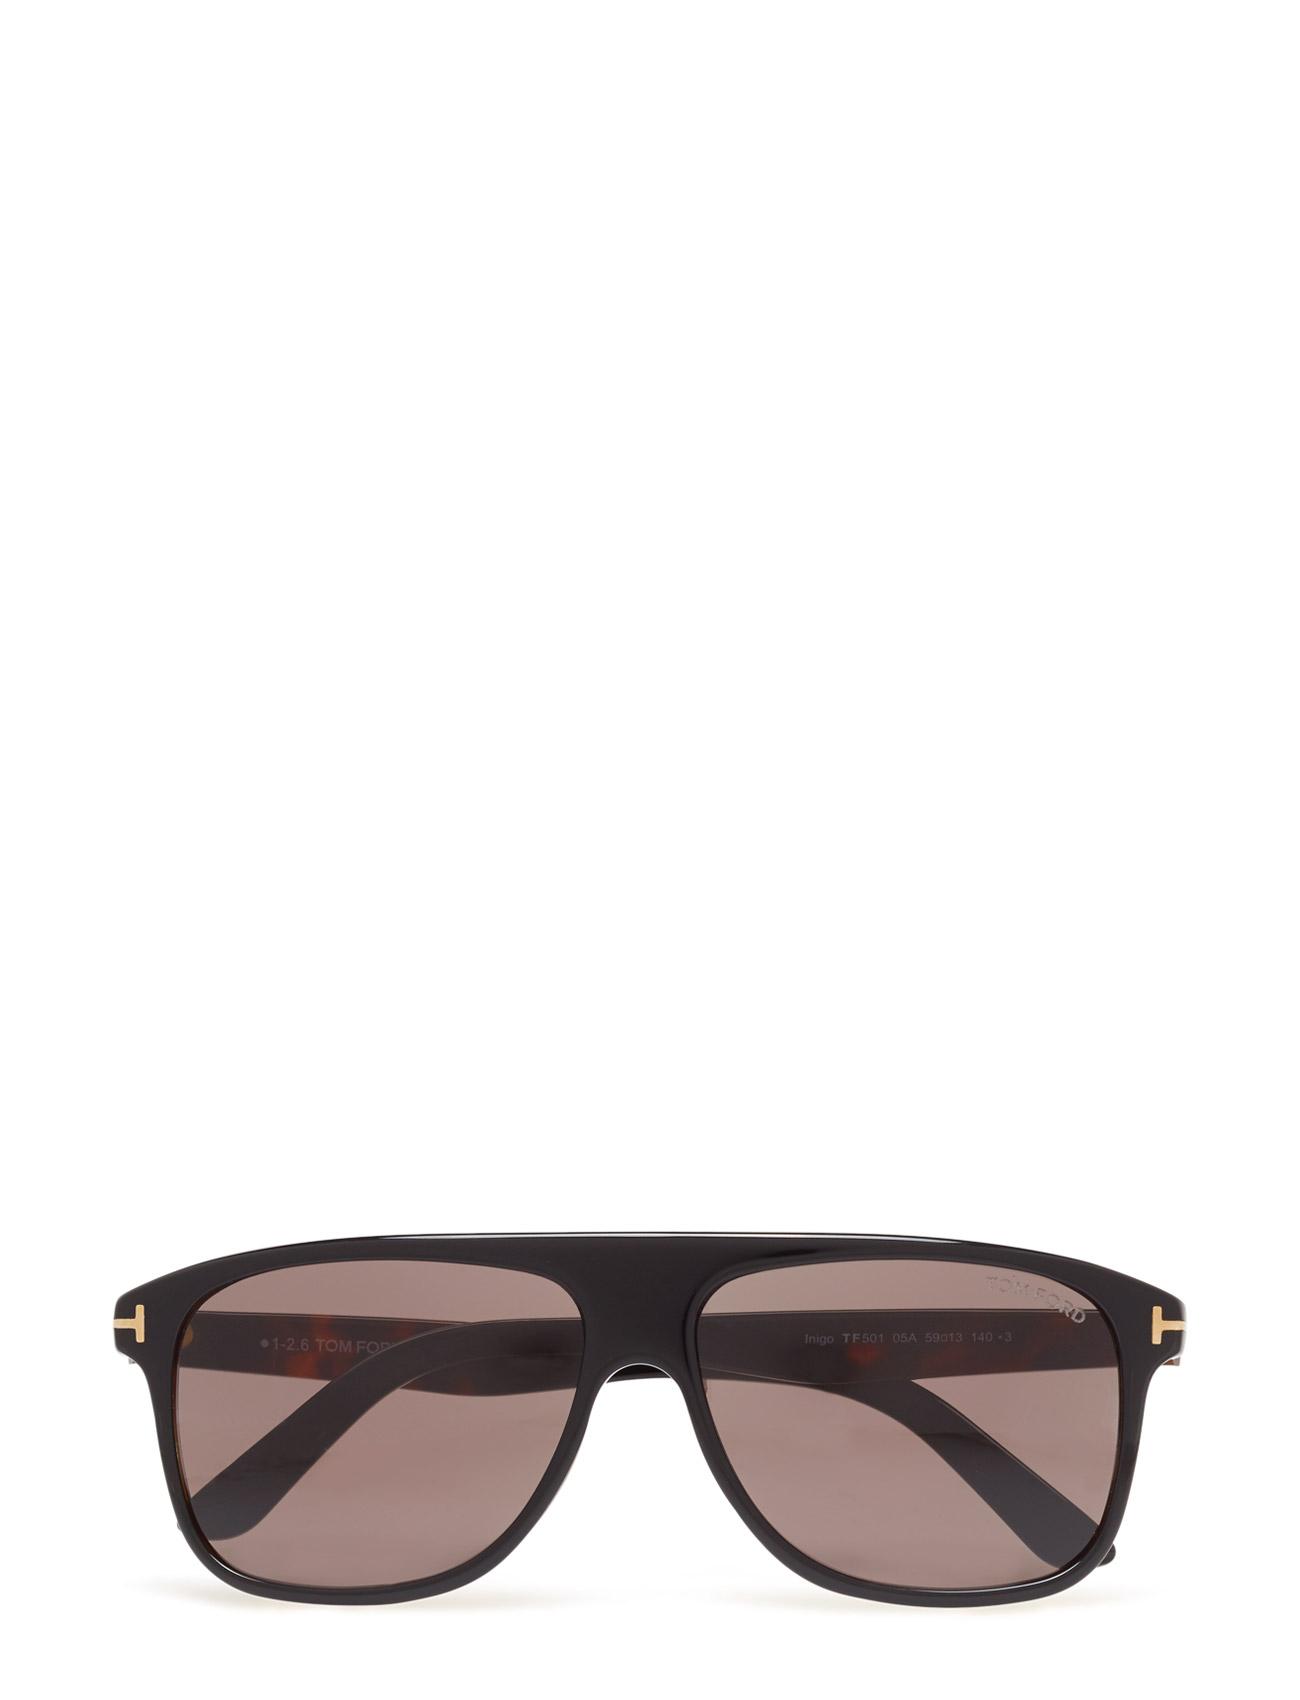 Tom Ford Inigo Tom Ford Sunglasses Accessories til Mænd i